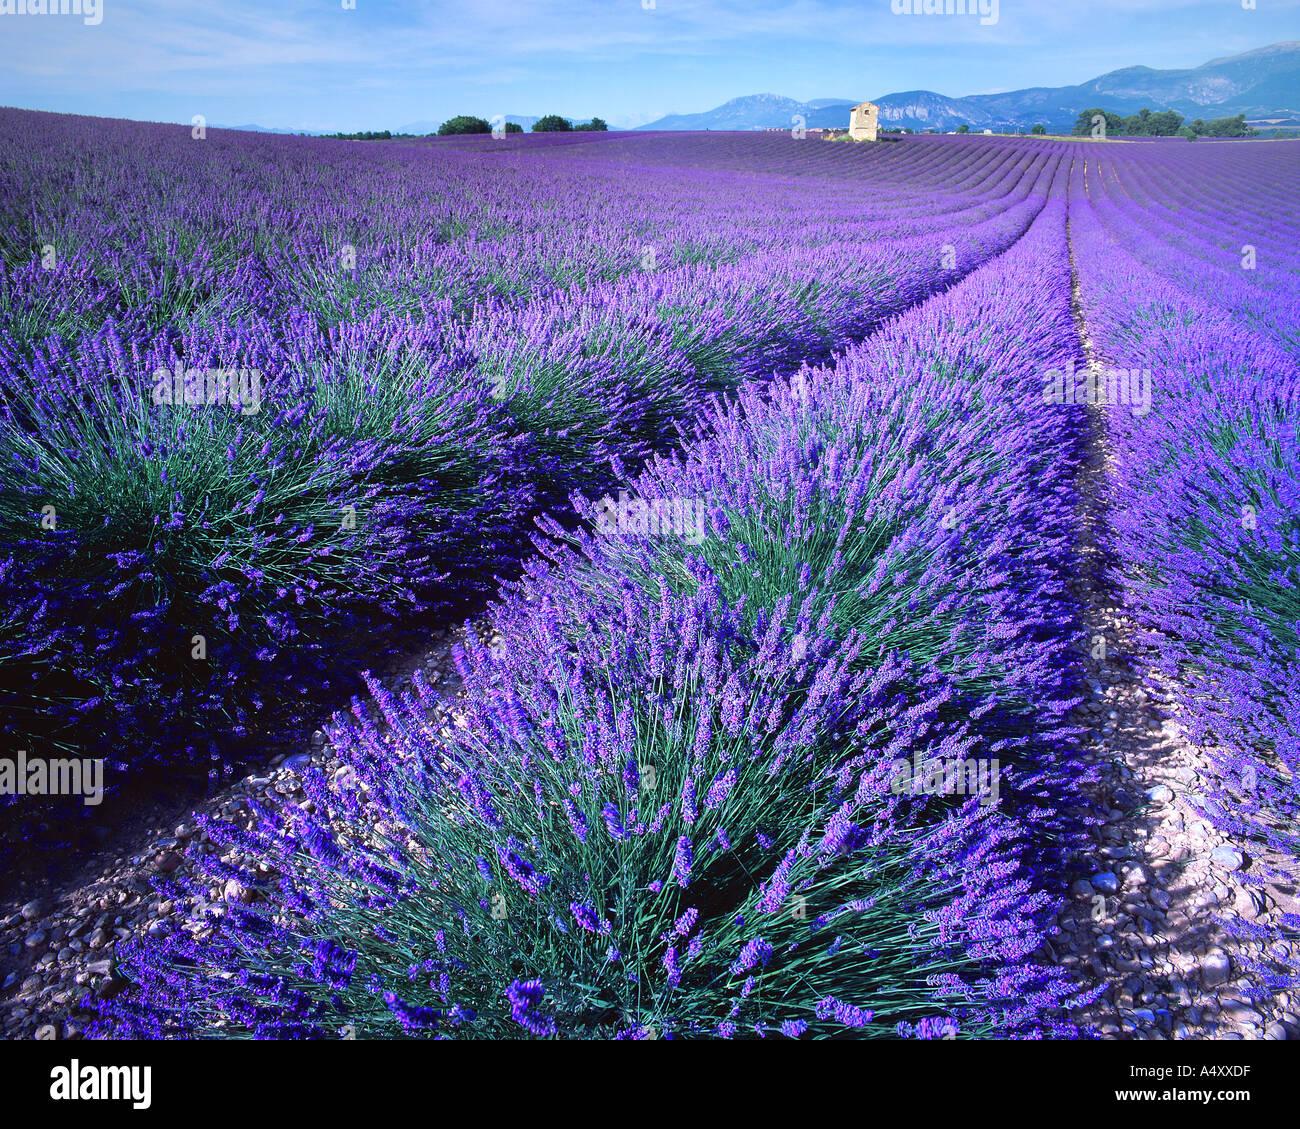 FR - ALPES DE HAUTE PROVENCE: Lavendel Feld Stockbild